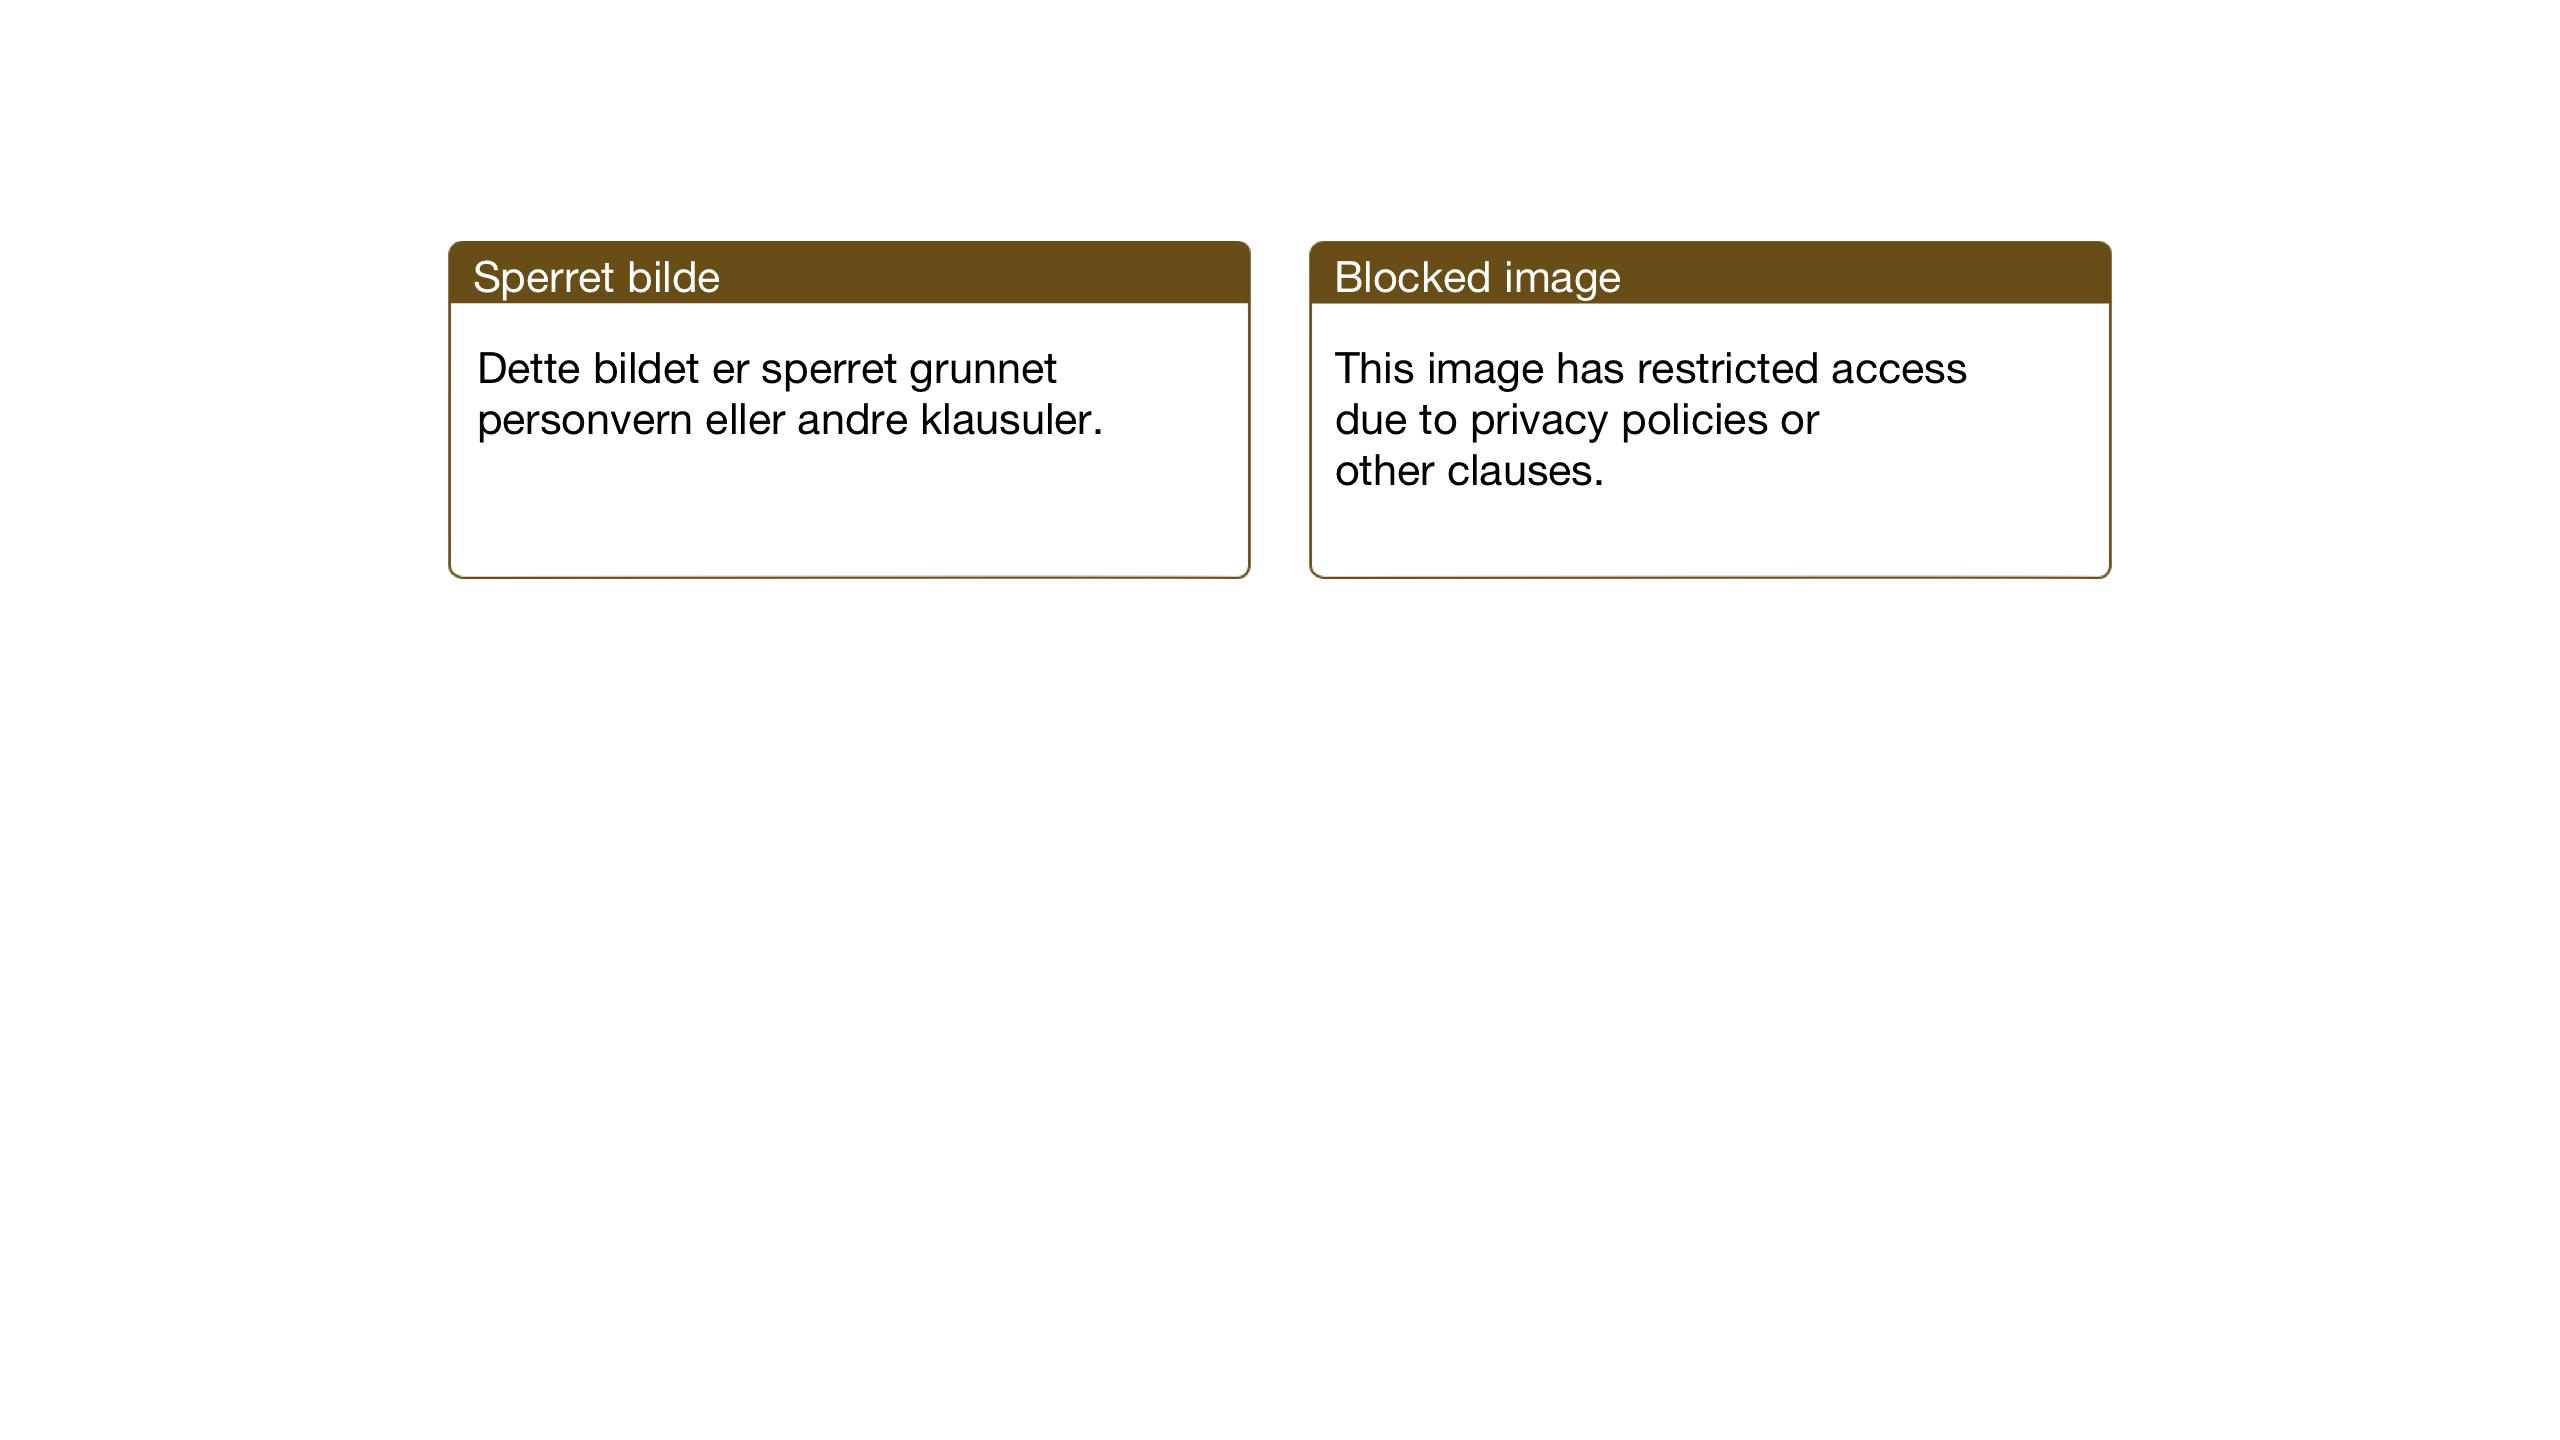 SAT, Ministerialprotokoller, klokkerbøker og fødselsregistre - Sør-Trøndelag, 682/L0947: Klokkerbok nr. 682C01, 1926-1968, s. 18